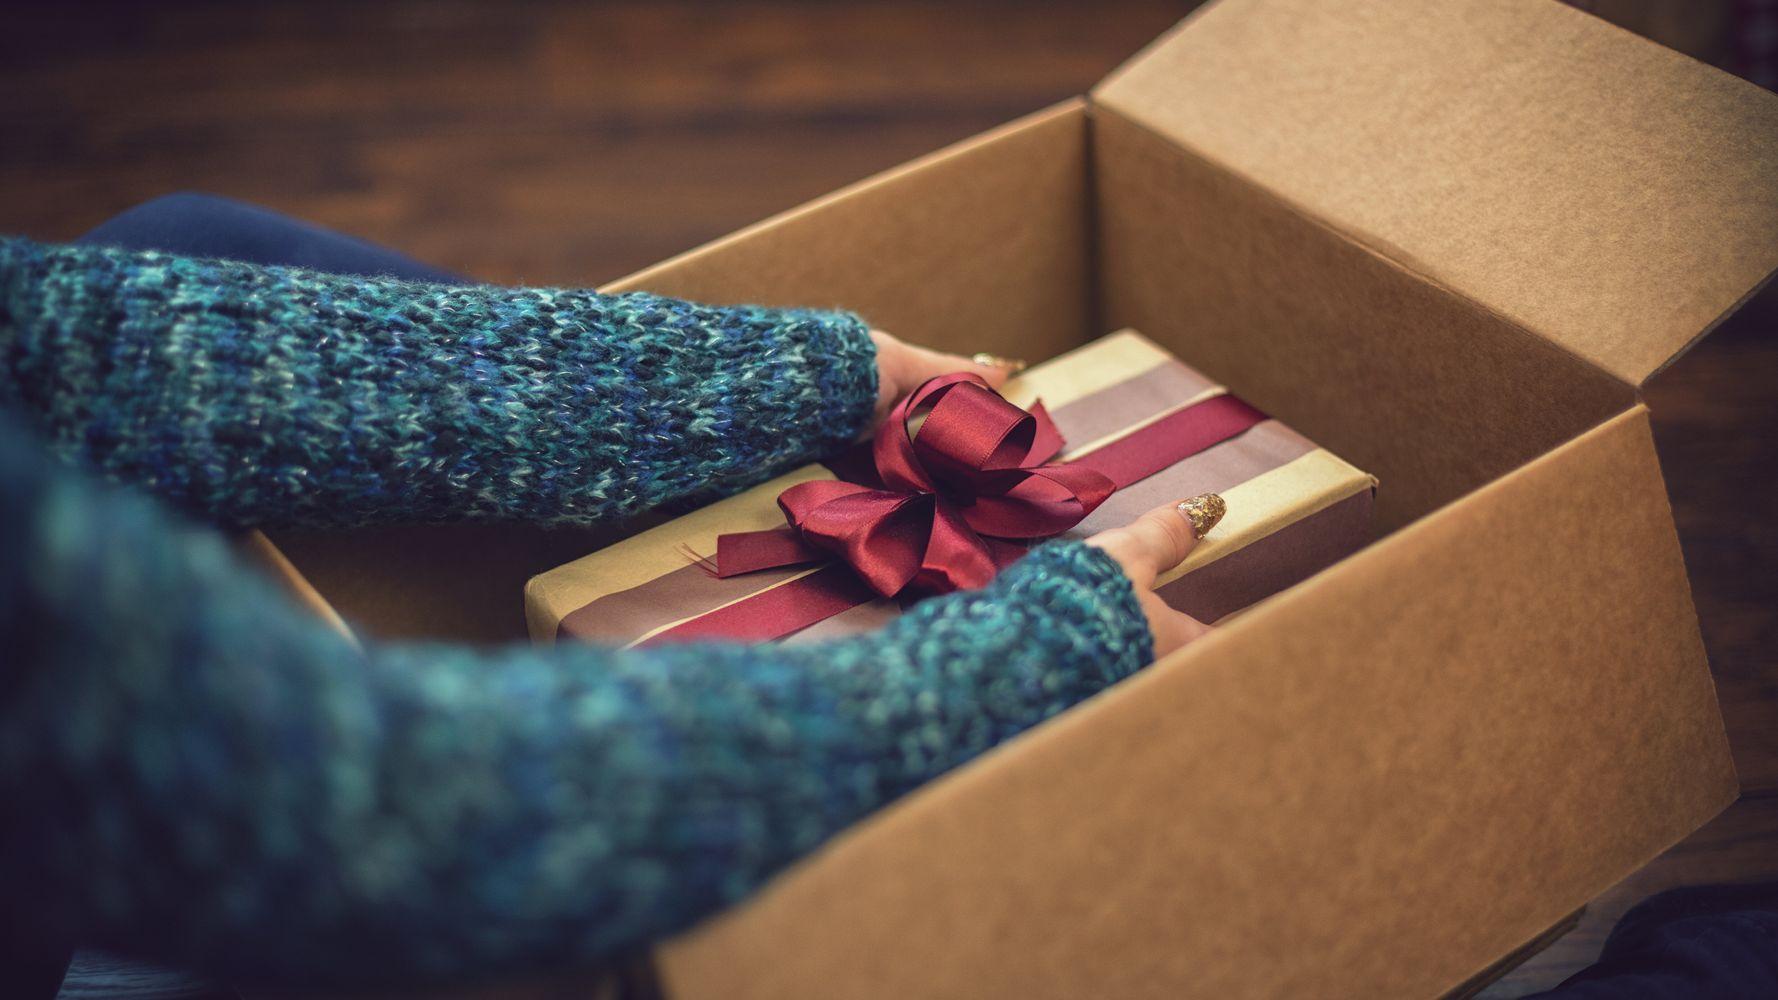 Pourquoi certains appréhendent d'ouvrir leurs cadeaux de Noël devant les autres